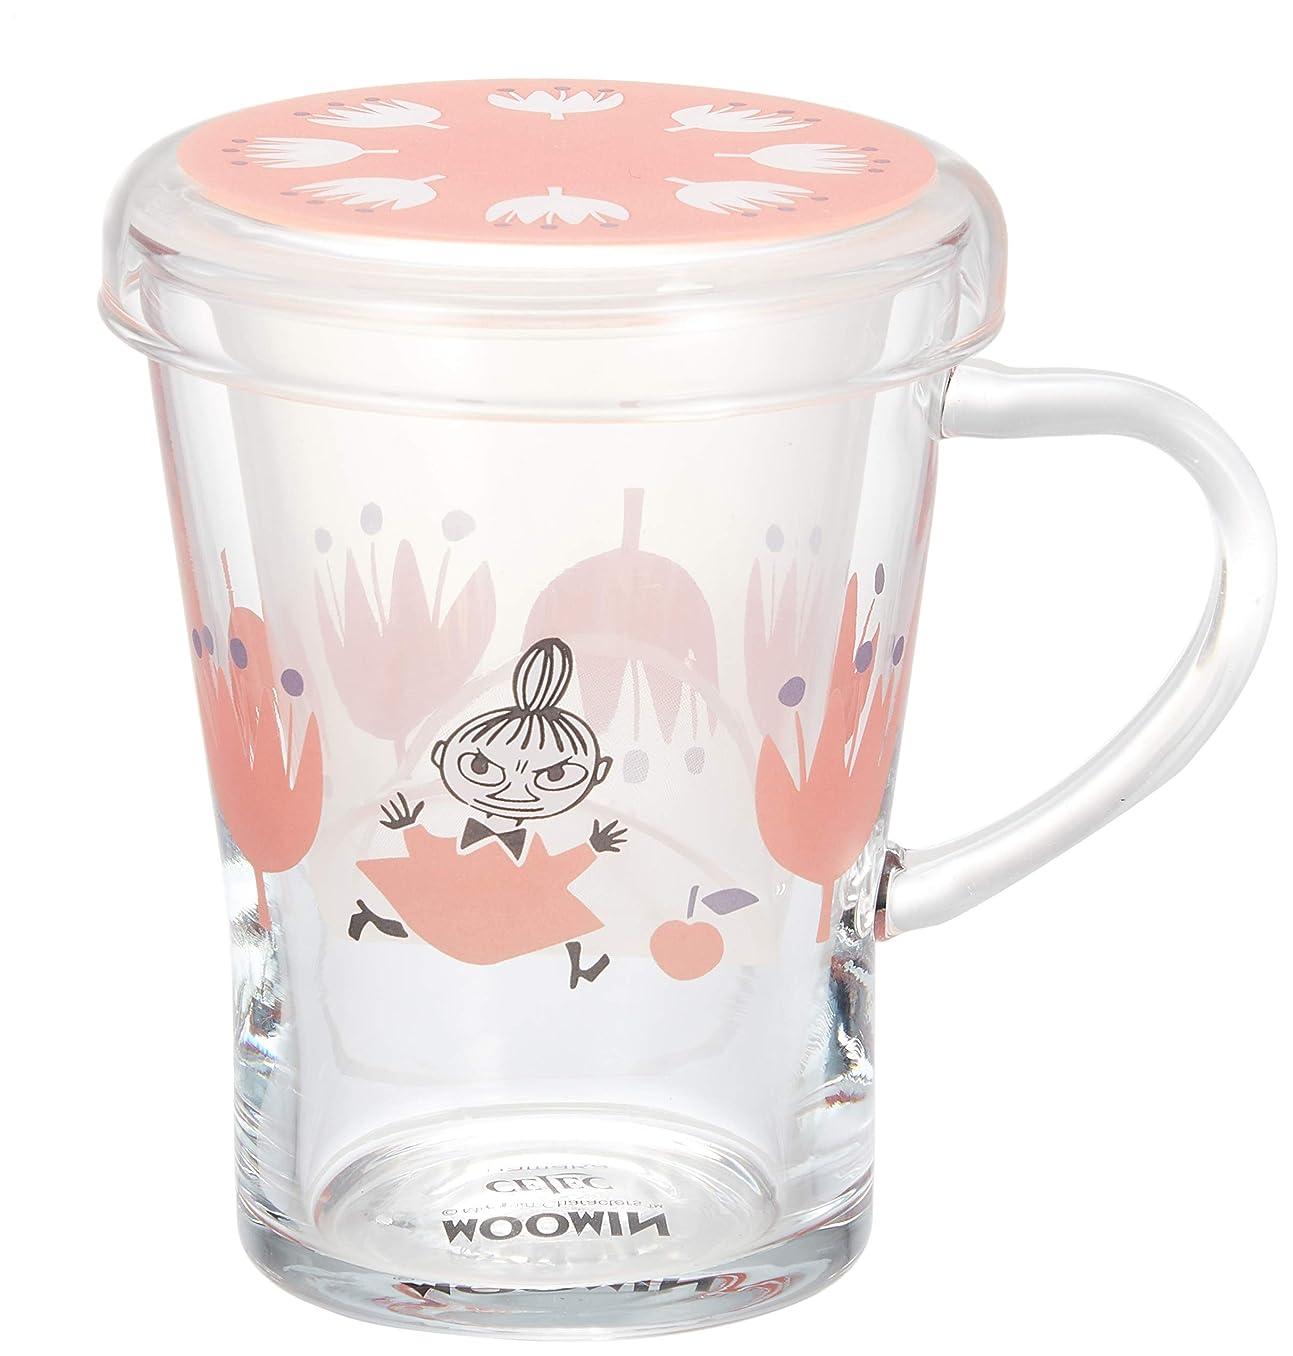 キャンバスパースブラックボロウに付けるMOOMIN (ムーミン) 「 クッカ 」 ティーメイト マグカップ(茶こし付) レッド MM1002-GT57